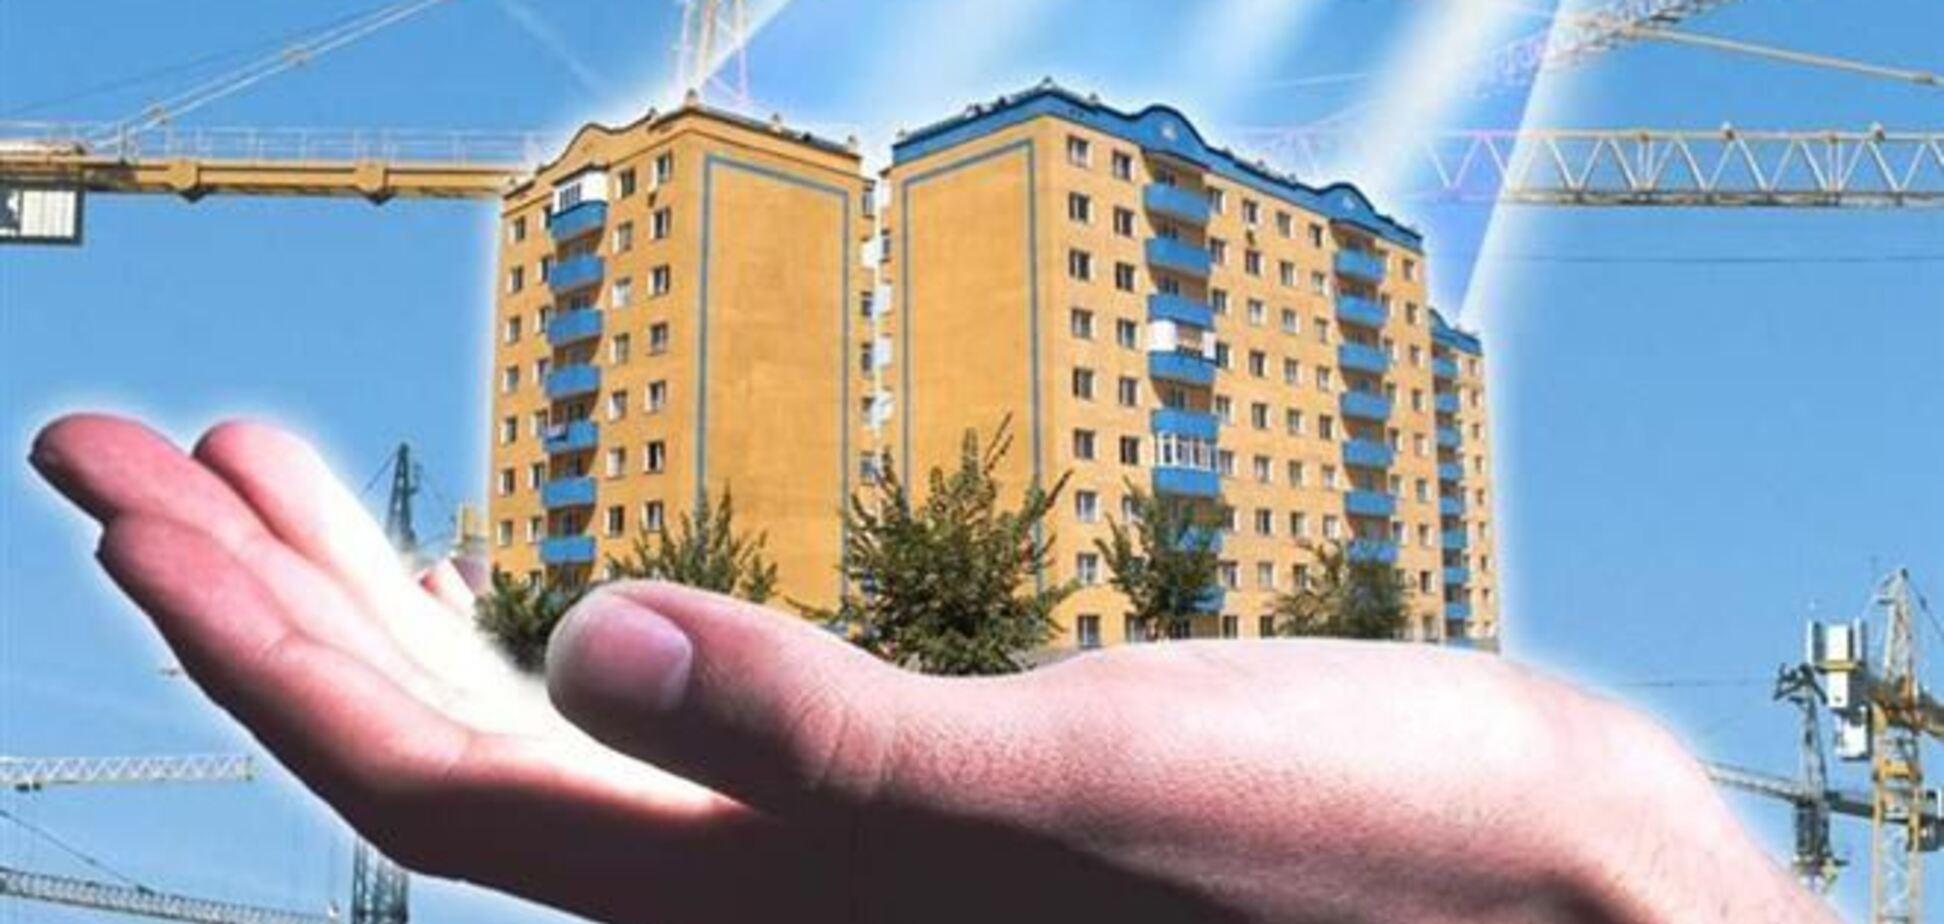 Доступное жилье недоступно из-за отсутствия денег у государства